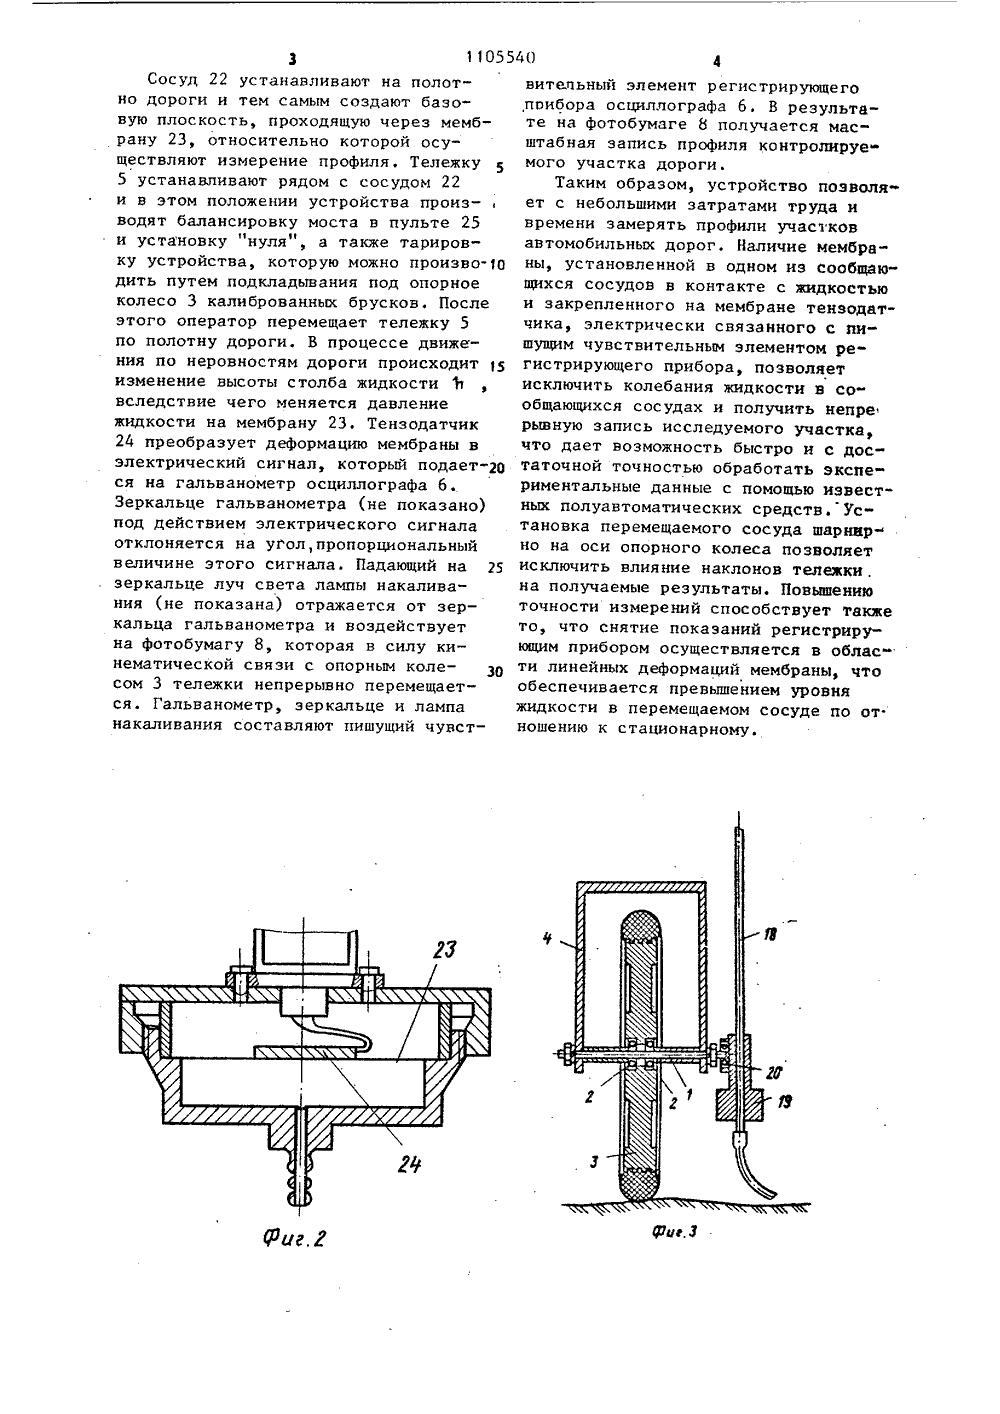 Мембрана с пишущим устройством регистрирующего прибора фото